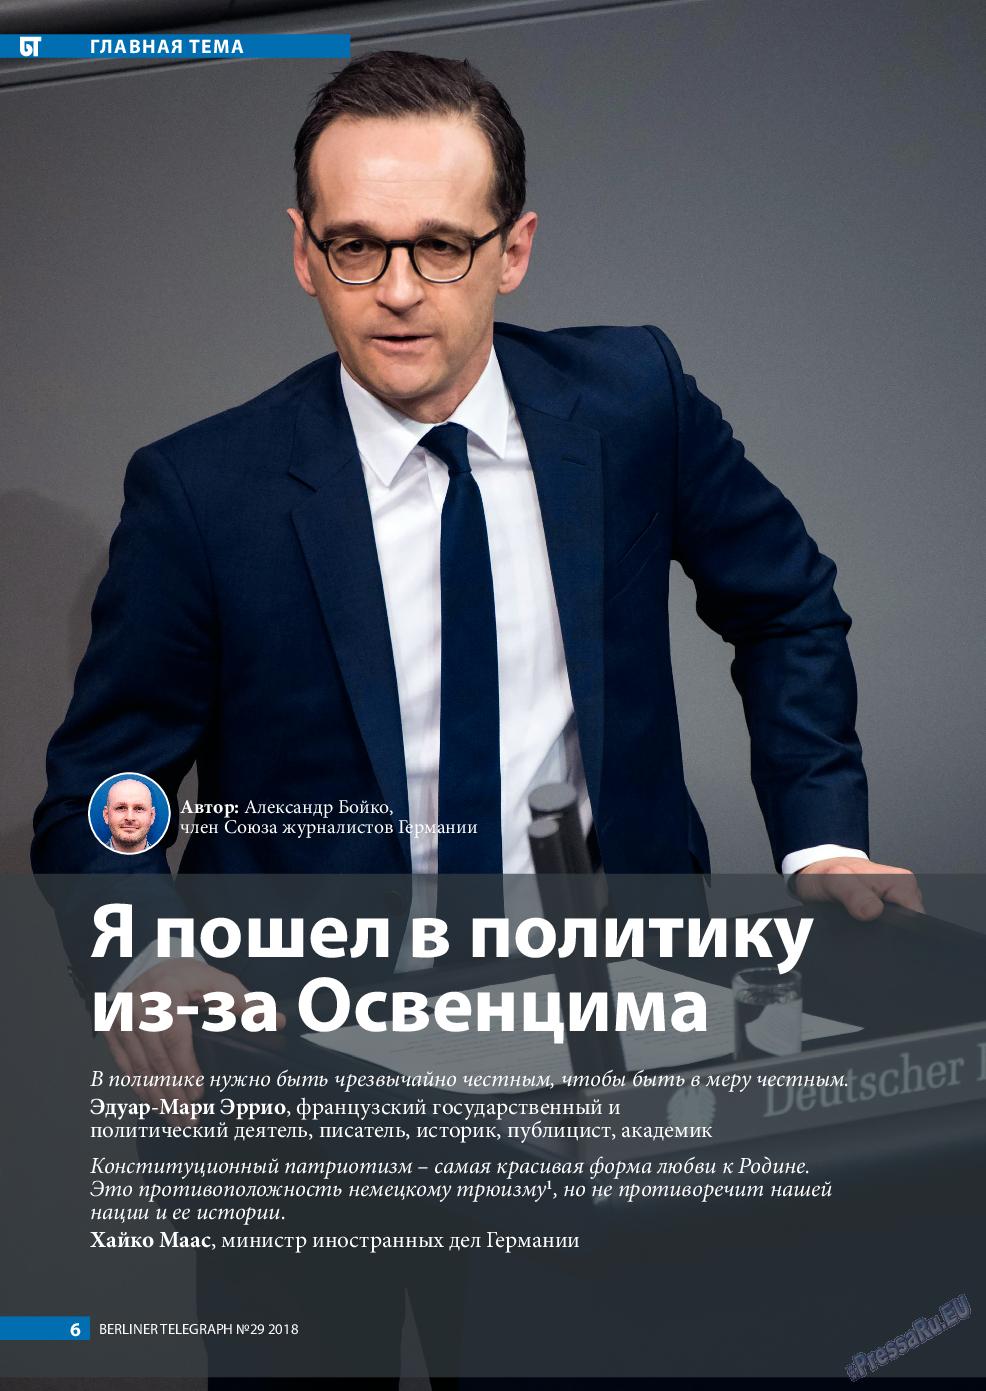 Берлинский телеграф (журнал). 2018 год, номер 29, стр. 6